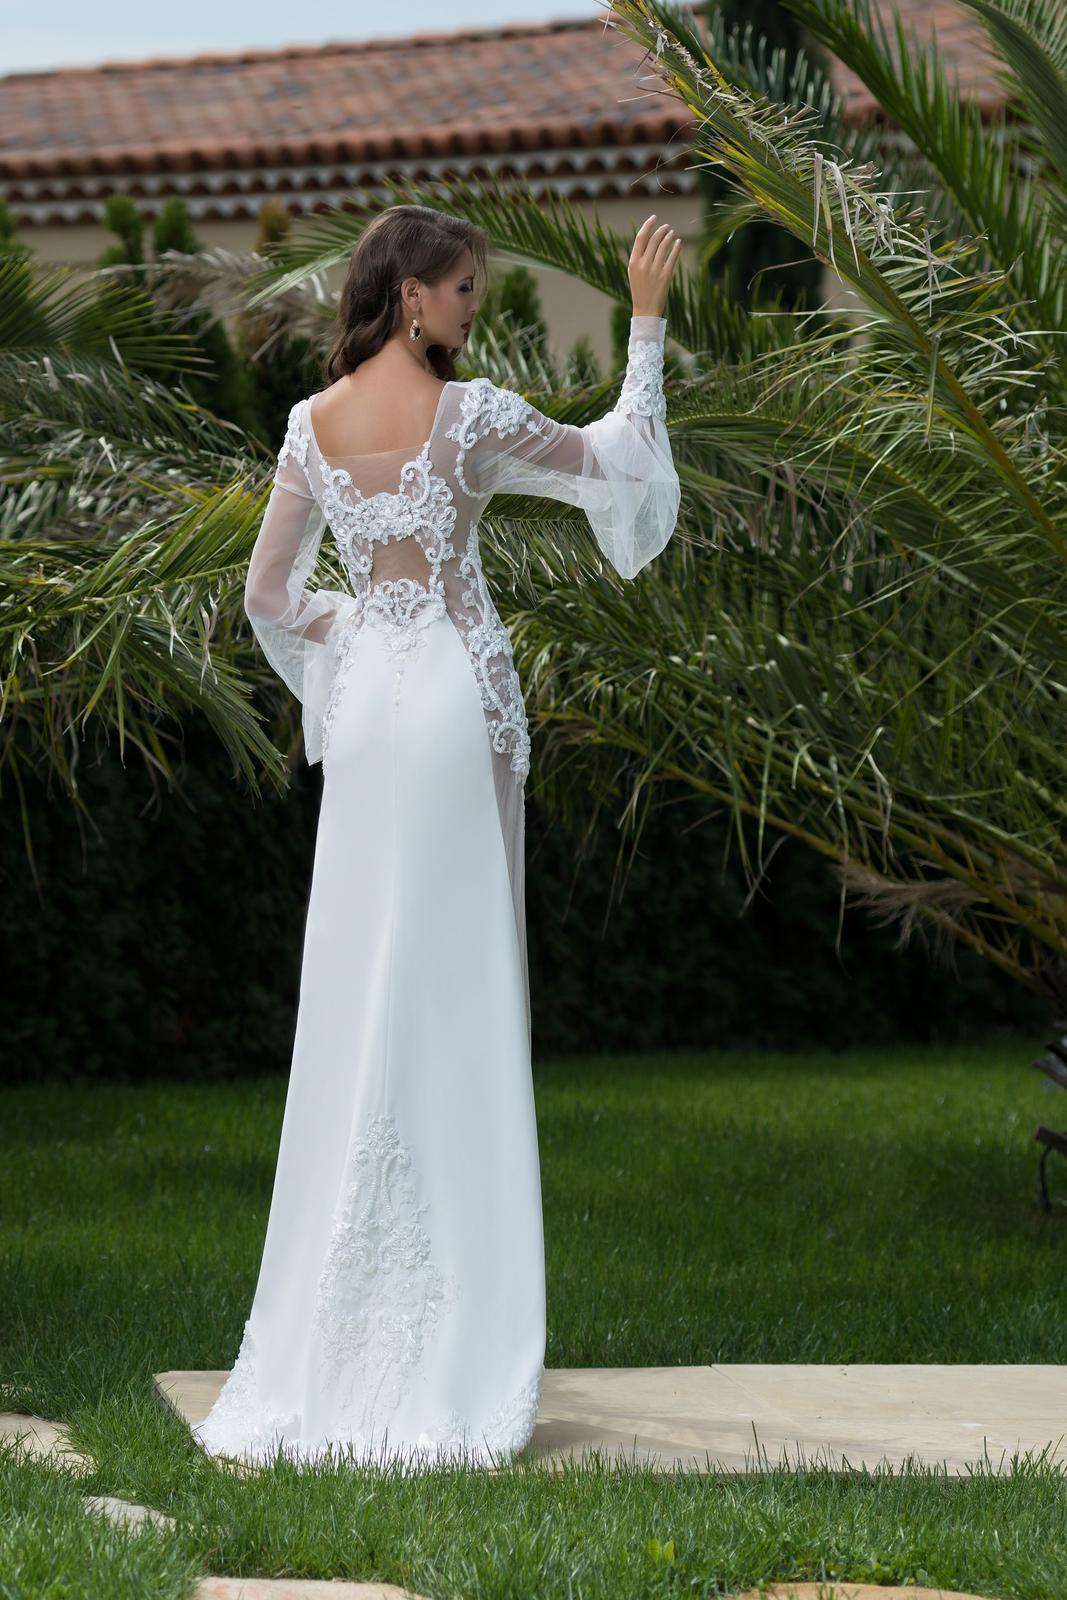 533cde3a0cfa Extravagantné svadobné šaty pre odvážne ženy